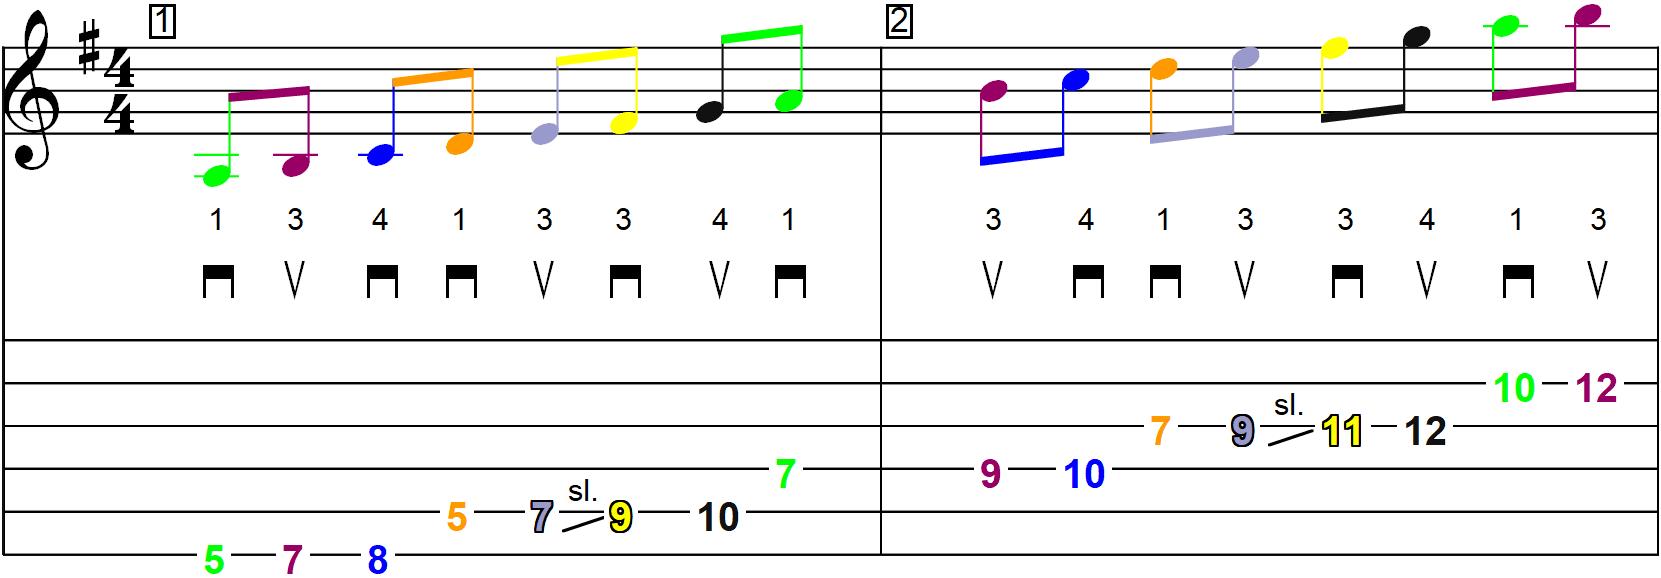 La gamme majeure de Sol en démanché (jeu latéral) - Schéma n°2 sur la partition et la tablature (page 1)